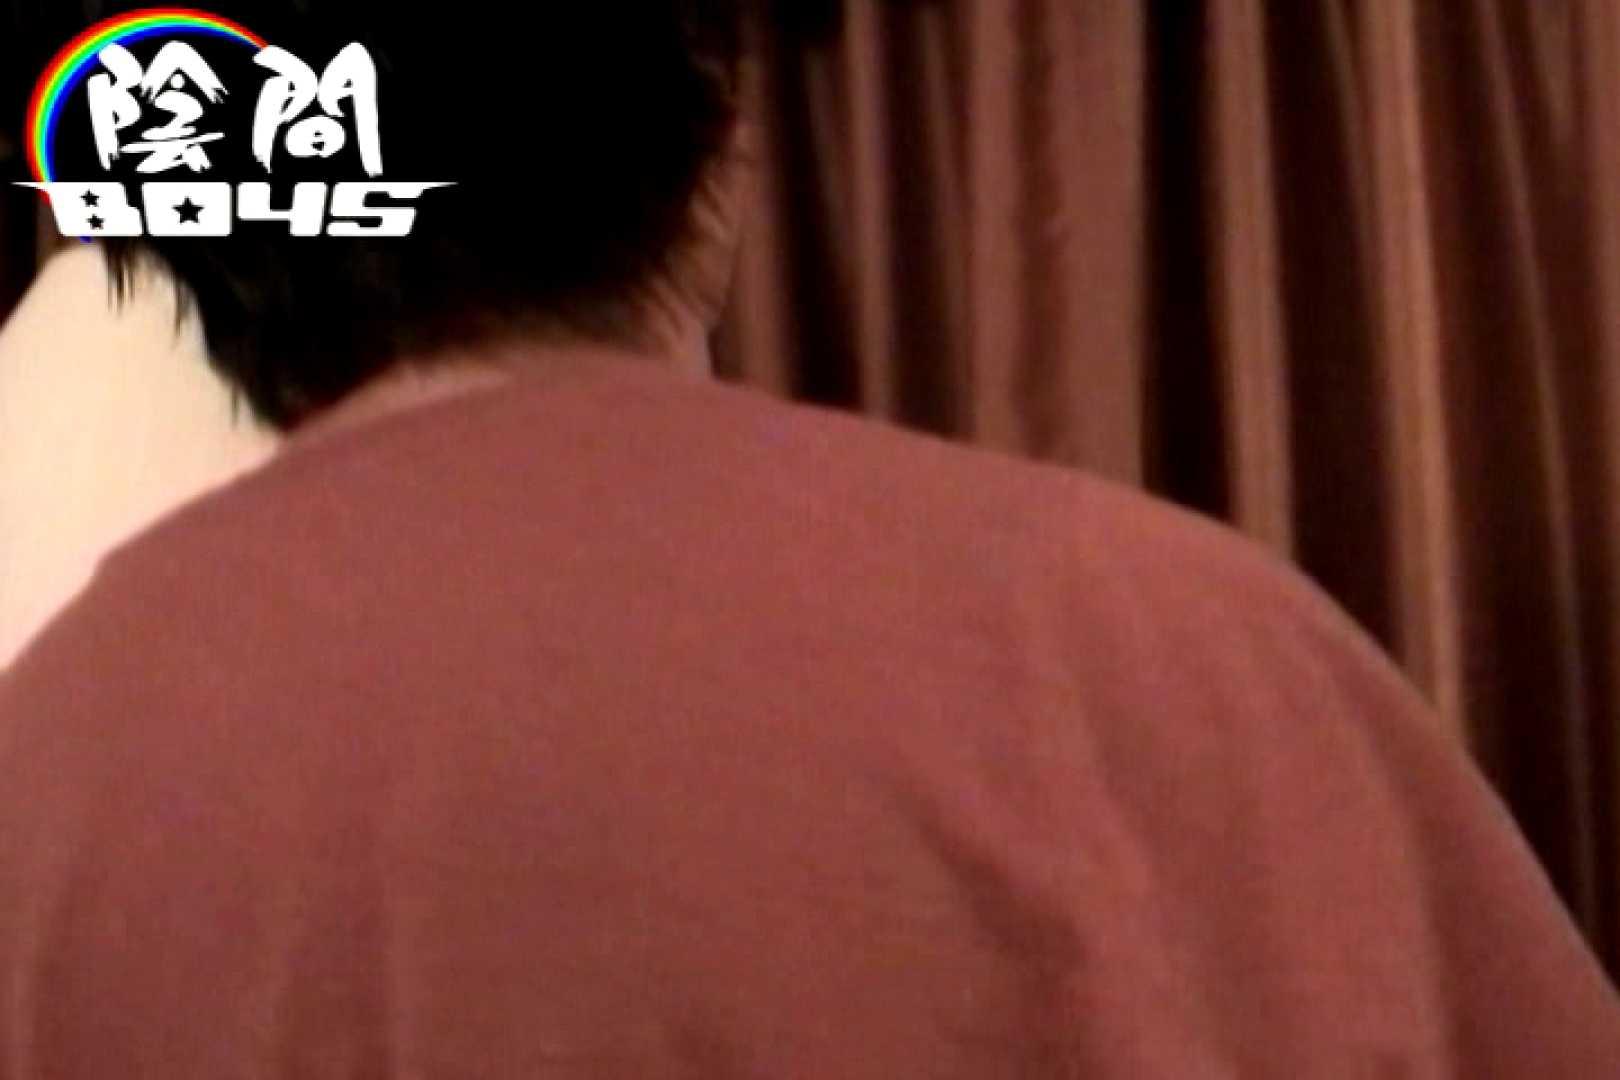 陰間BOYS~Mixed Hot-Guy~01 エロエロ ゲイセックス画像 79pic 4